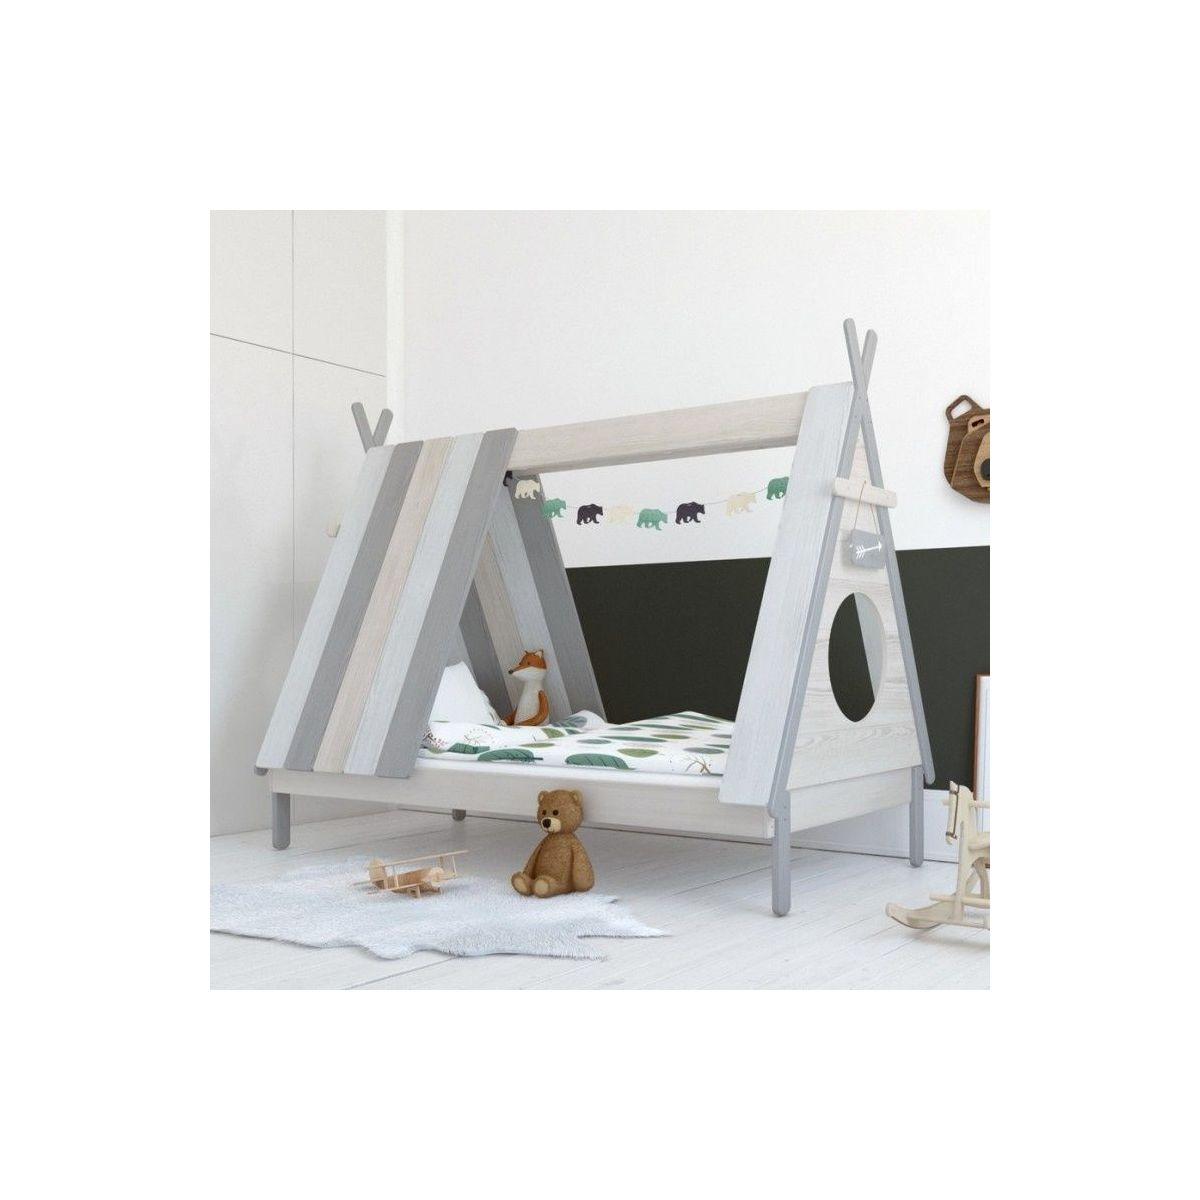 Full Size of Artkid Wigwam Bett Bosco Look Gnstig Kaufen Küche Mit Elektrogeräten Rauch Betten 140x200 überlänge Einbauküche Günstig Alte Fenster Günstige Sofa Bett Günstig Betten Kaufen